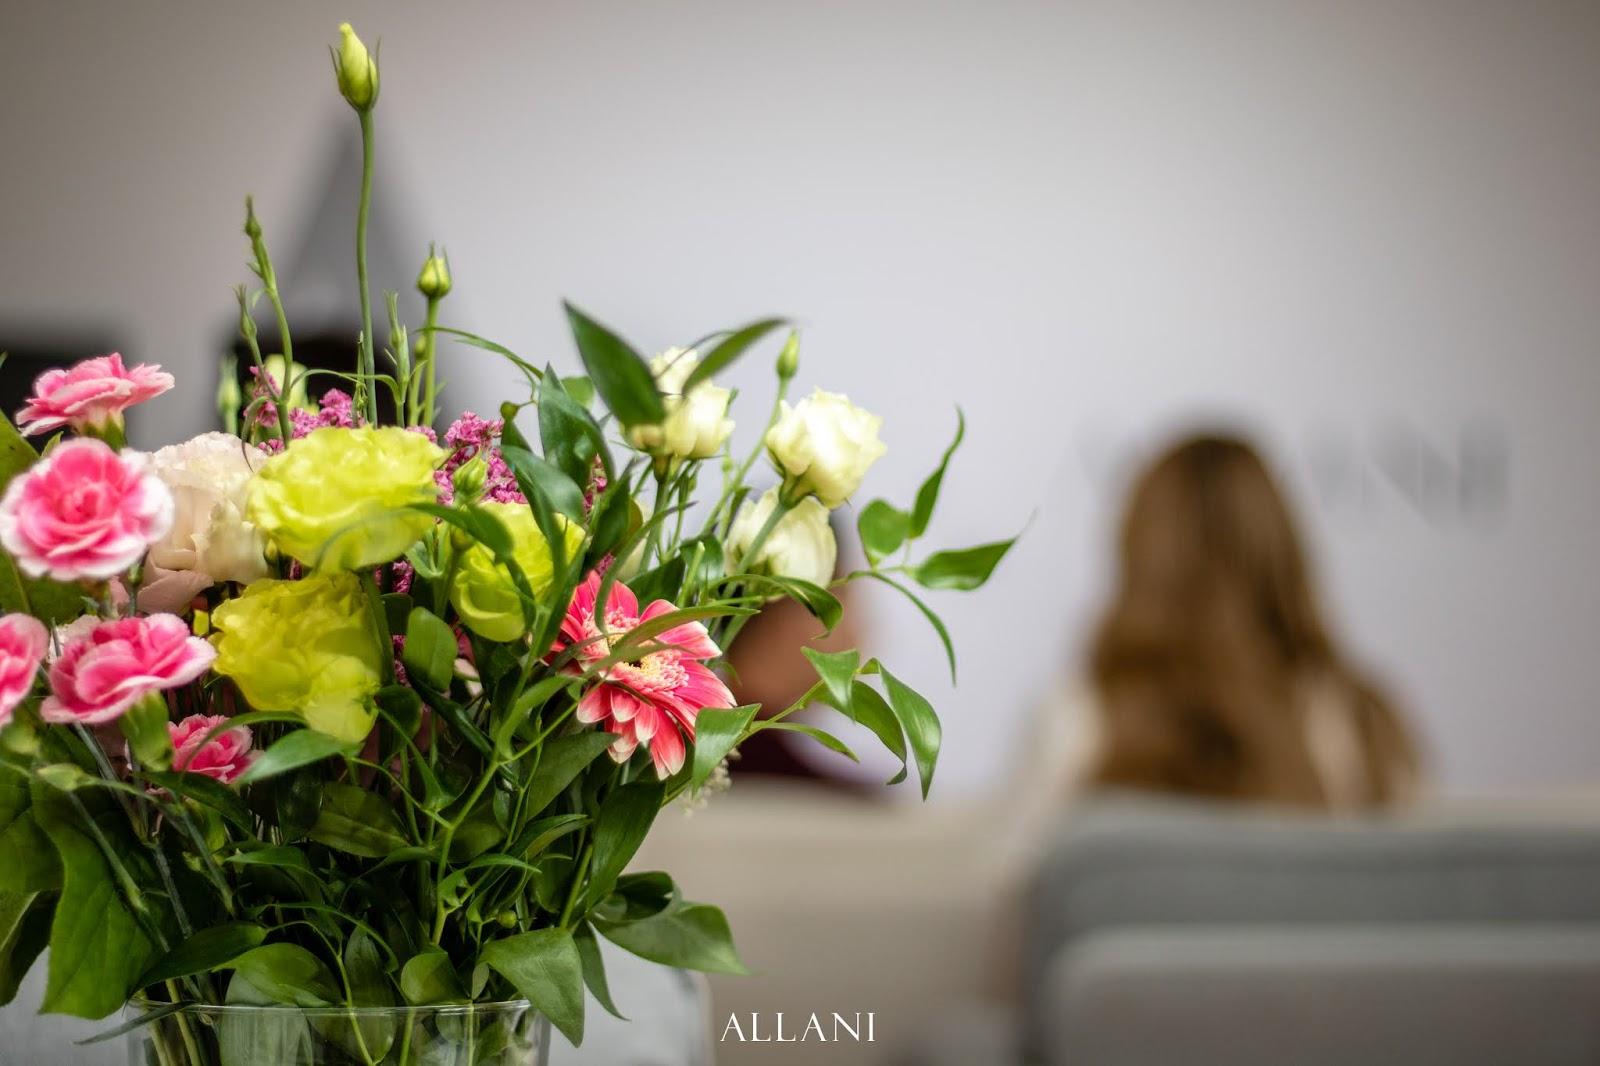 Allani Fashion KnowUp